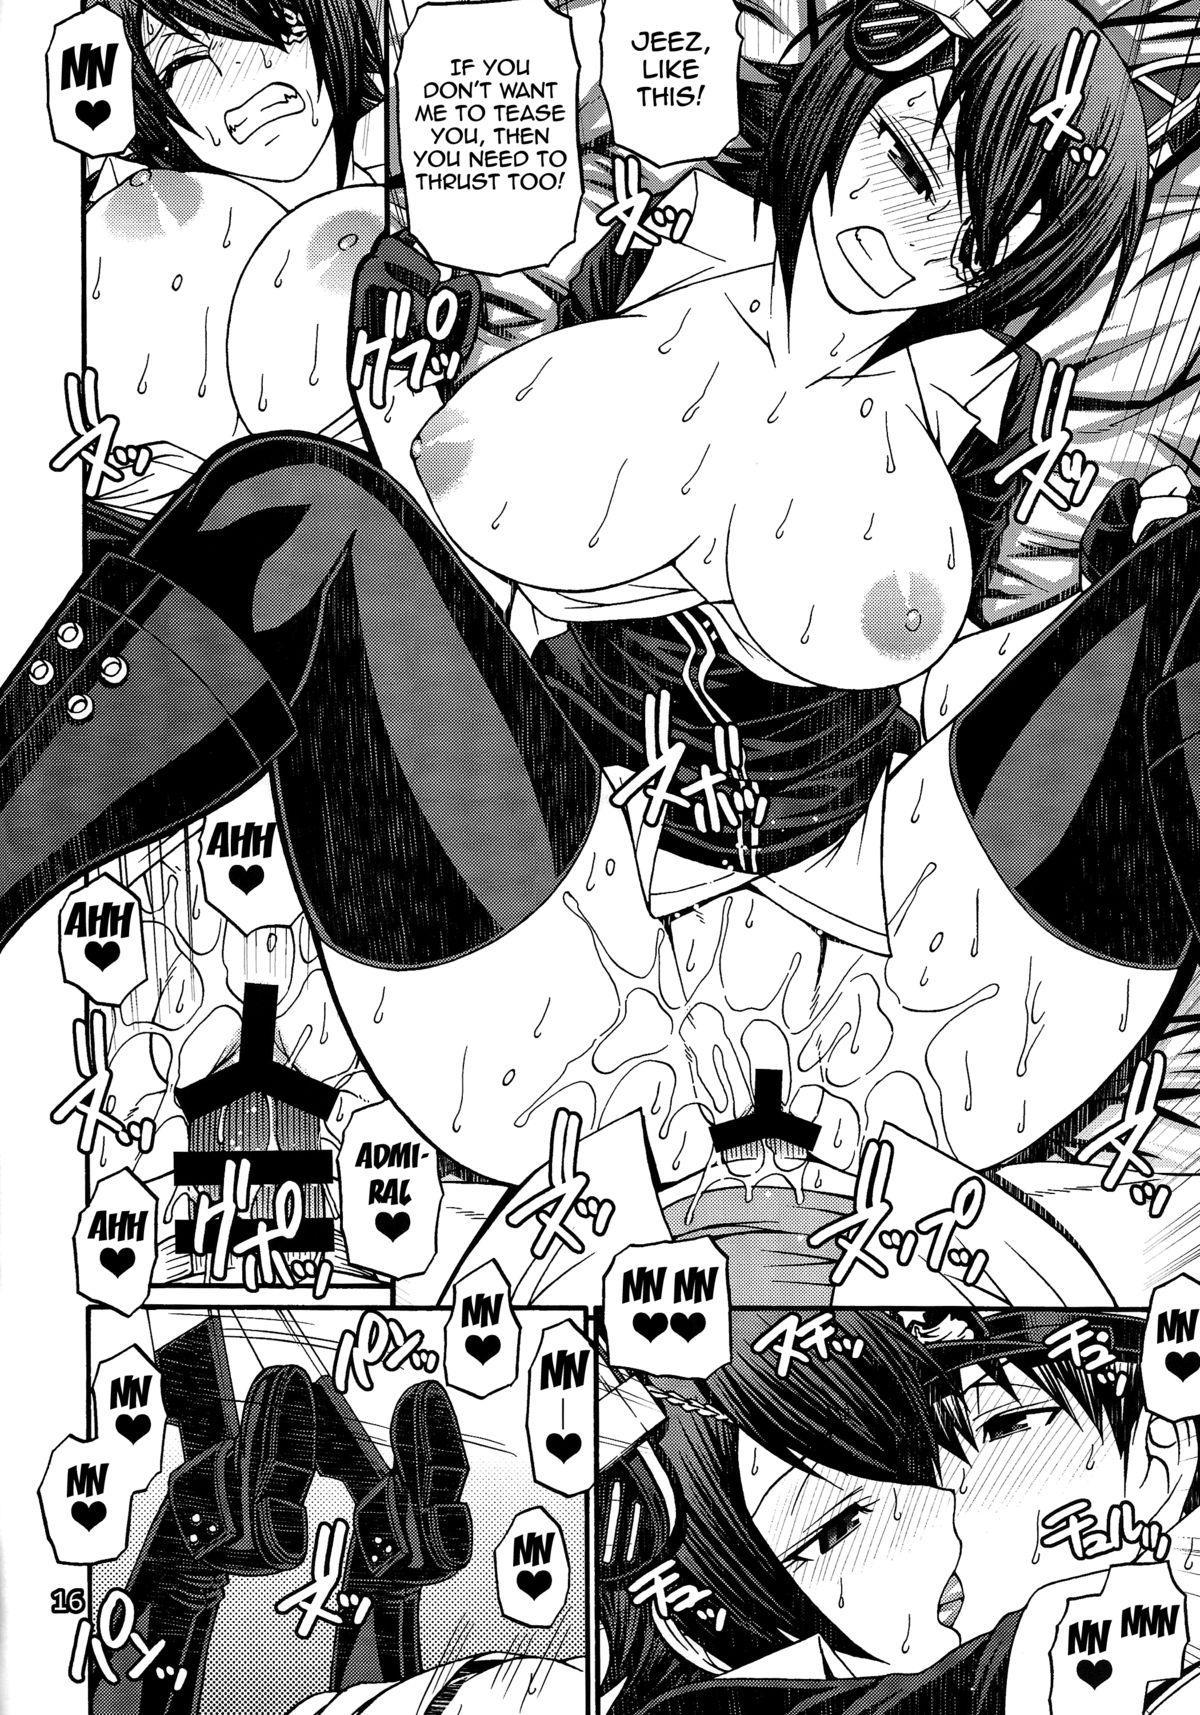 Ichiyouraifuku | Fortuitous Turn of Events 13